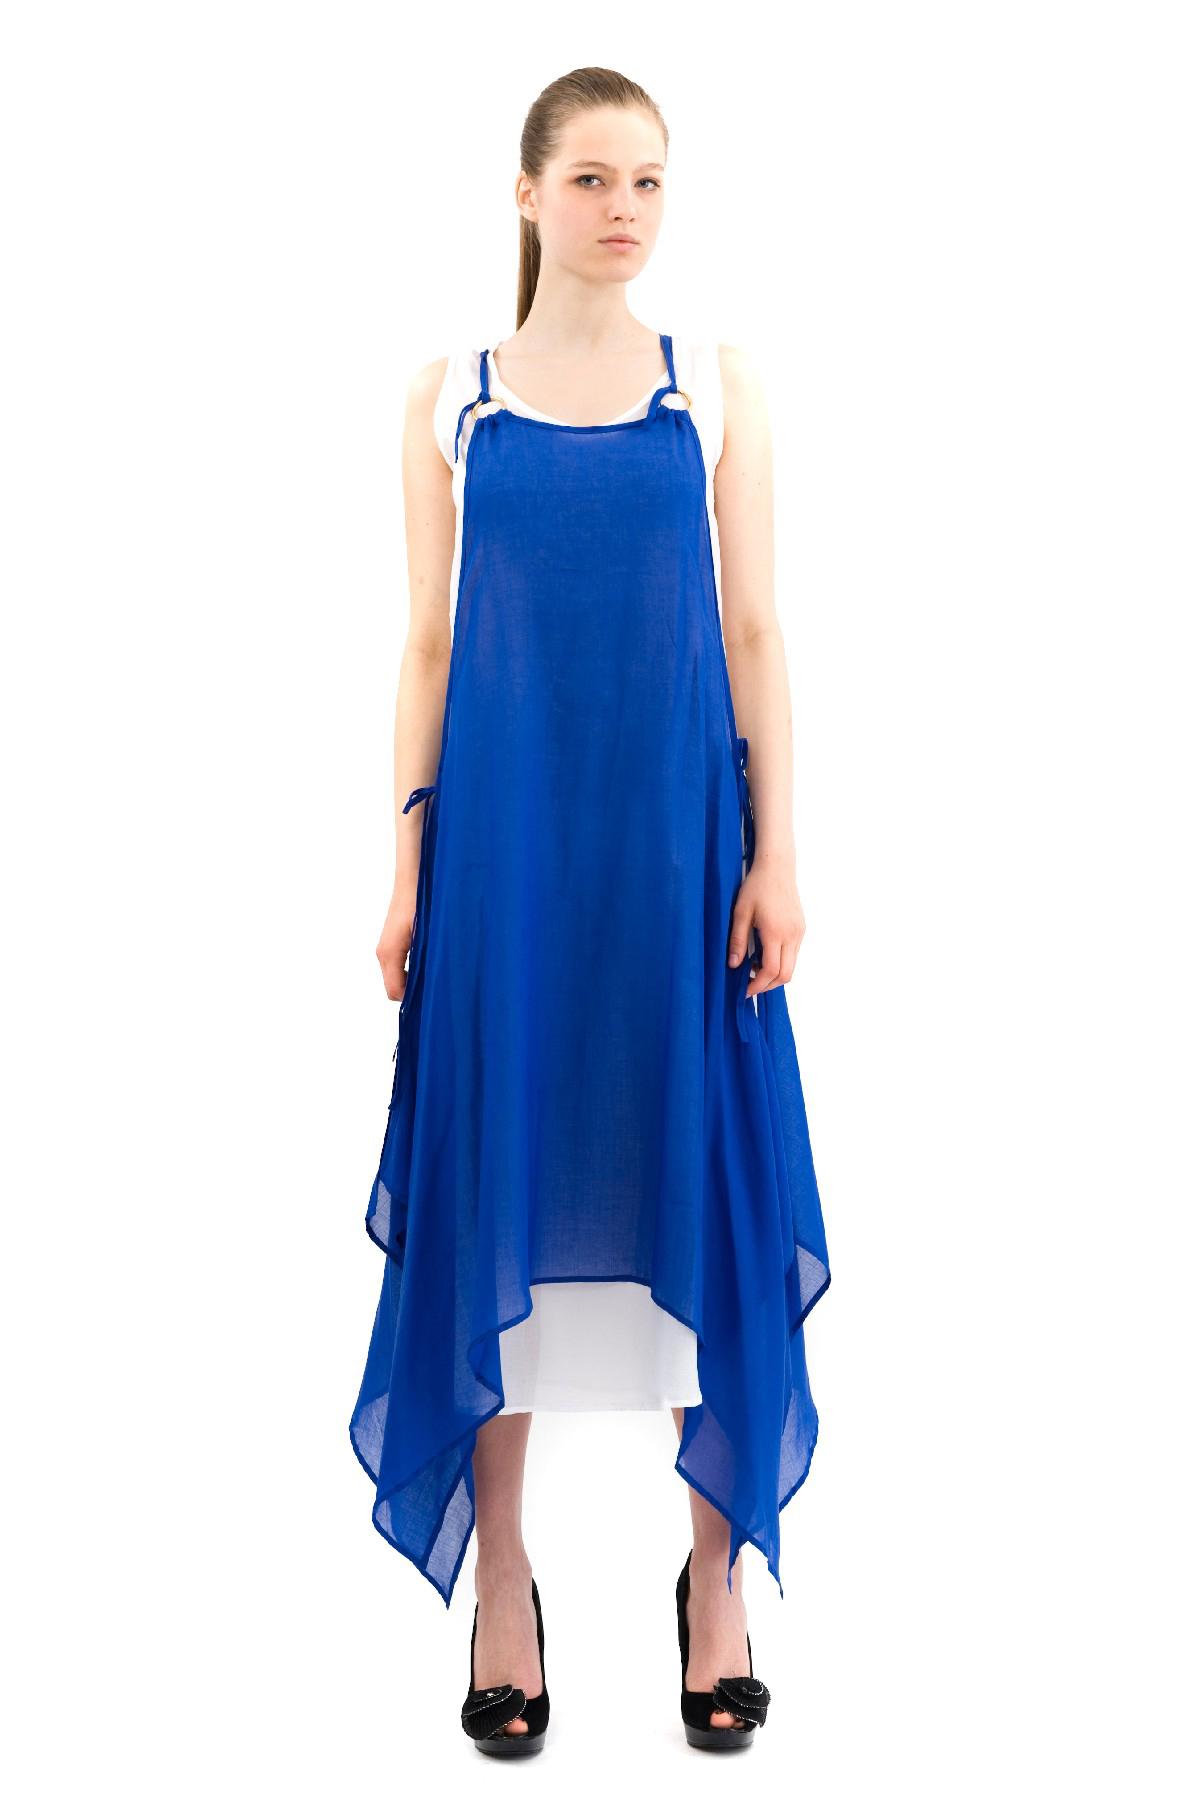 ПлатьеПлатья,  сарафаны<br>Эффектное платье из хлопкового материала. Модель станет замечательным дополнением к Вашему гардеробу. Покорите окружающих с первого взгляда на Вас!<br><br>Цвет: синий<br>Состав: 100% хлопок<br>Размер: 50,52,54,56,58,60<br>Страна дизайна: Россия<br>Страна производства: Россия